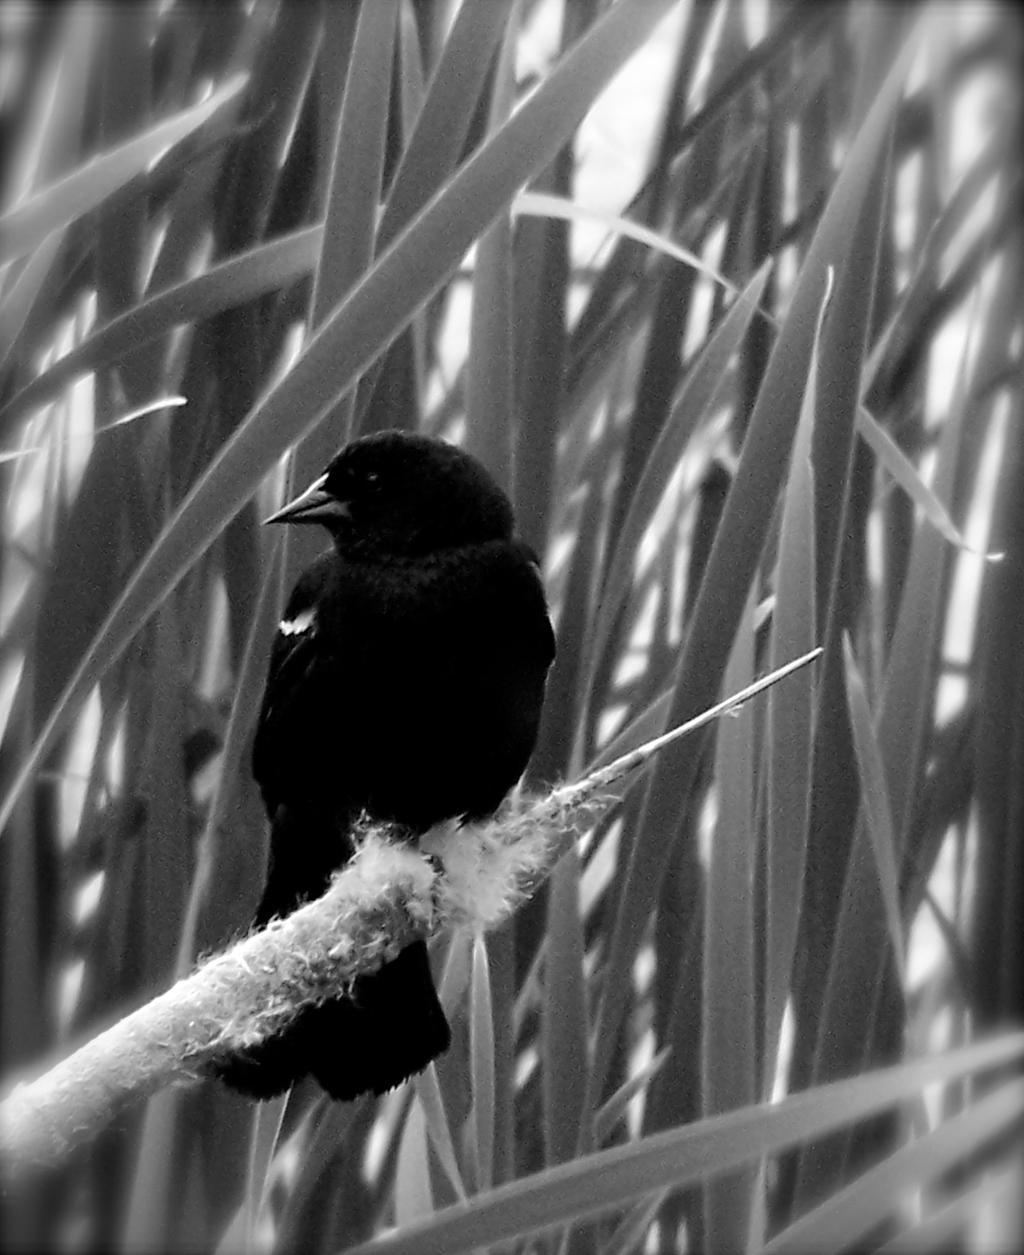 Red Winged Blackbird by ycrad64